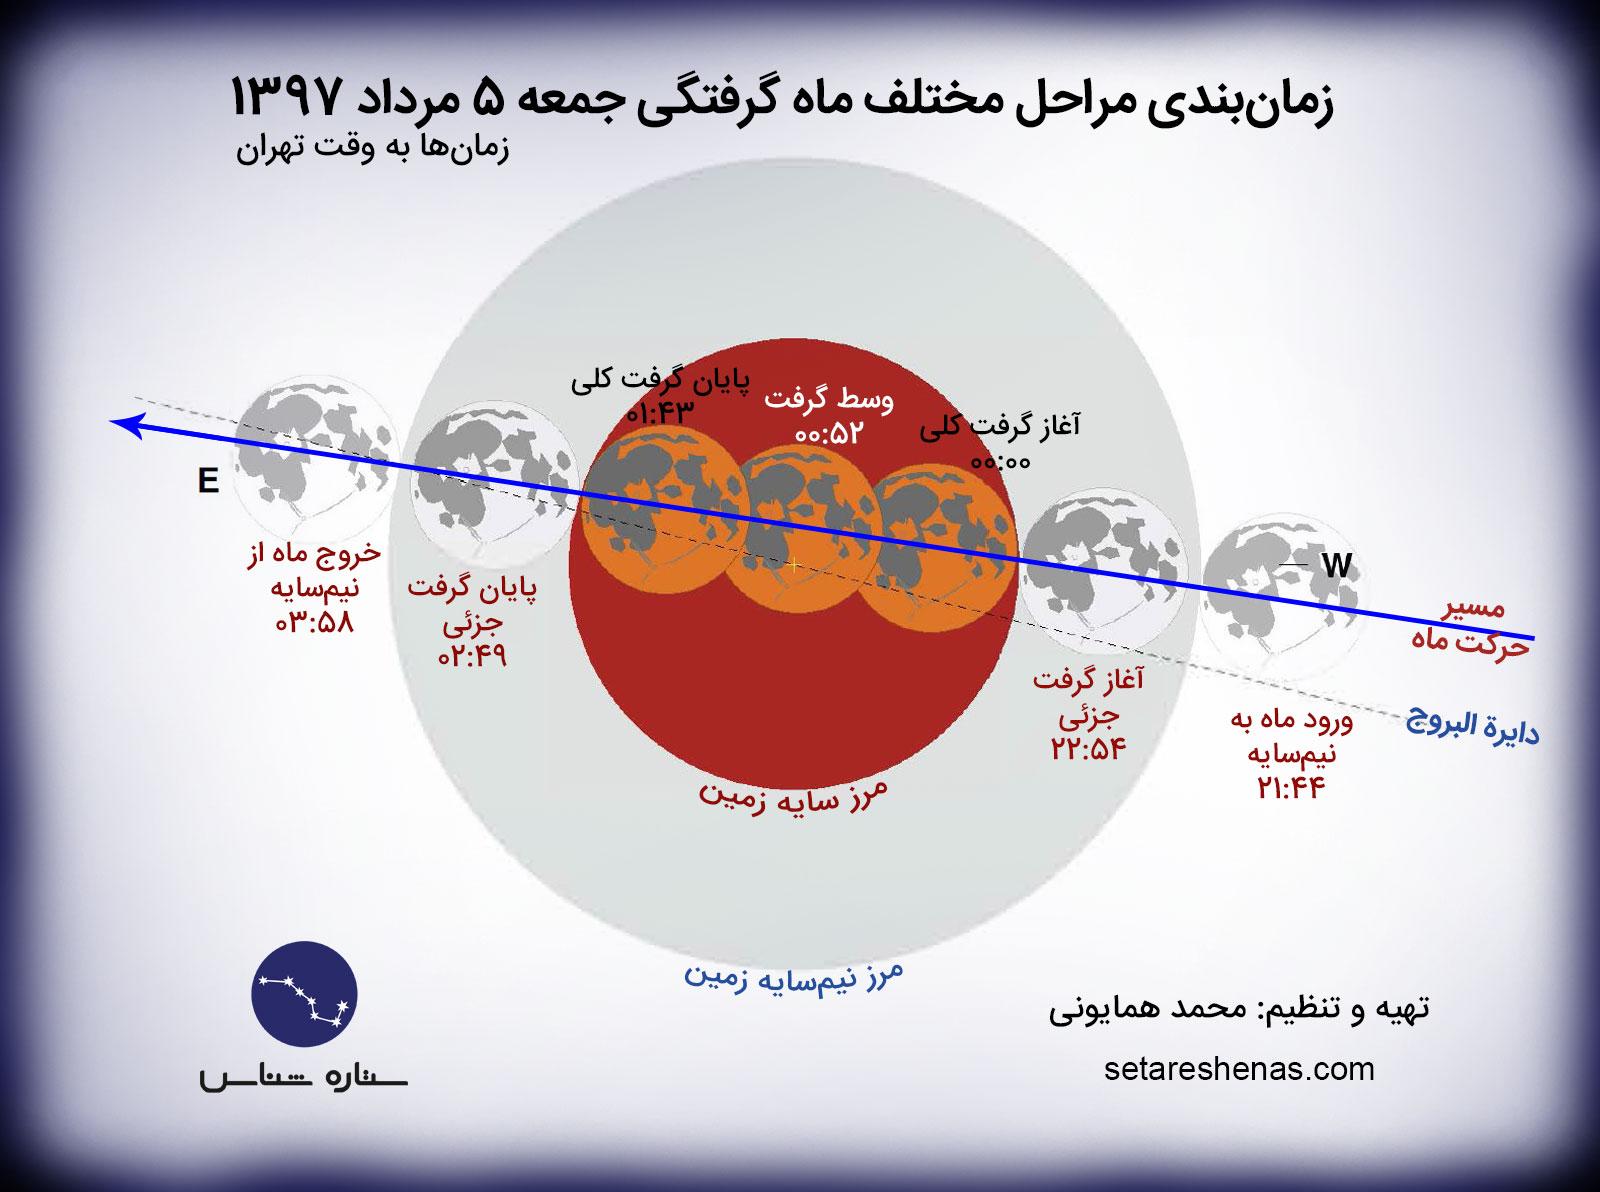 مراحل ماه گرفتگی کامل مرداد 1397